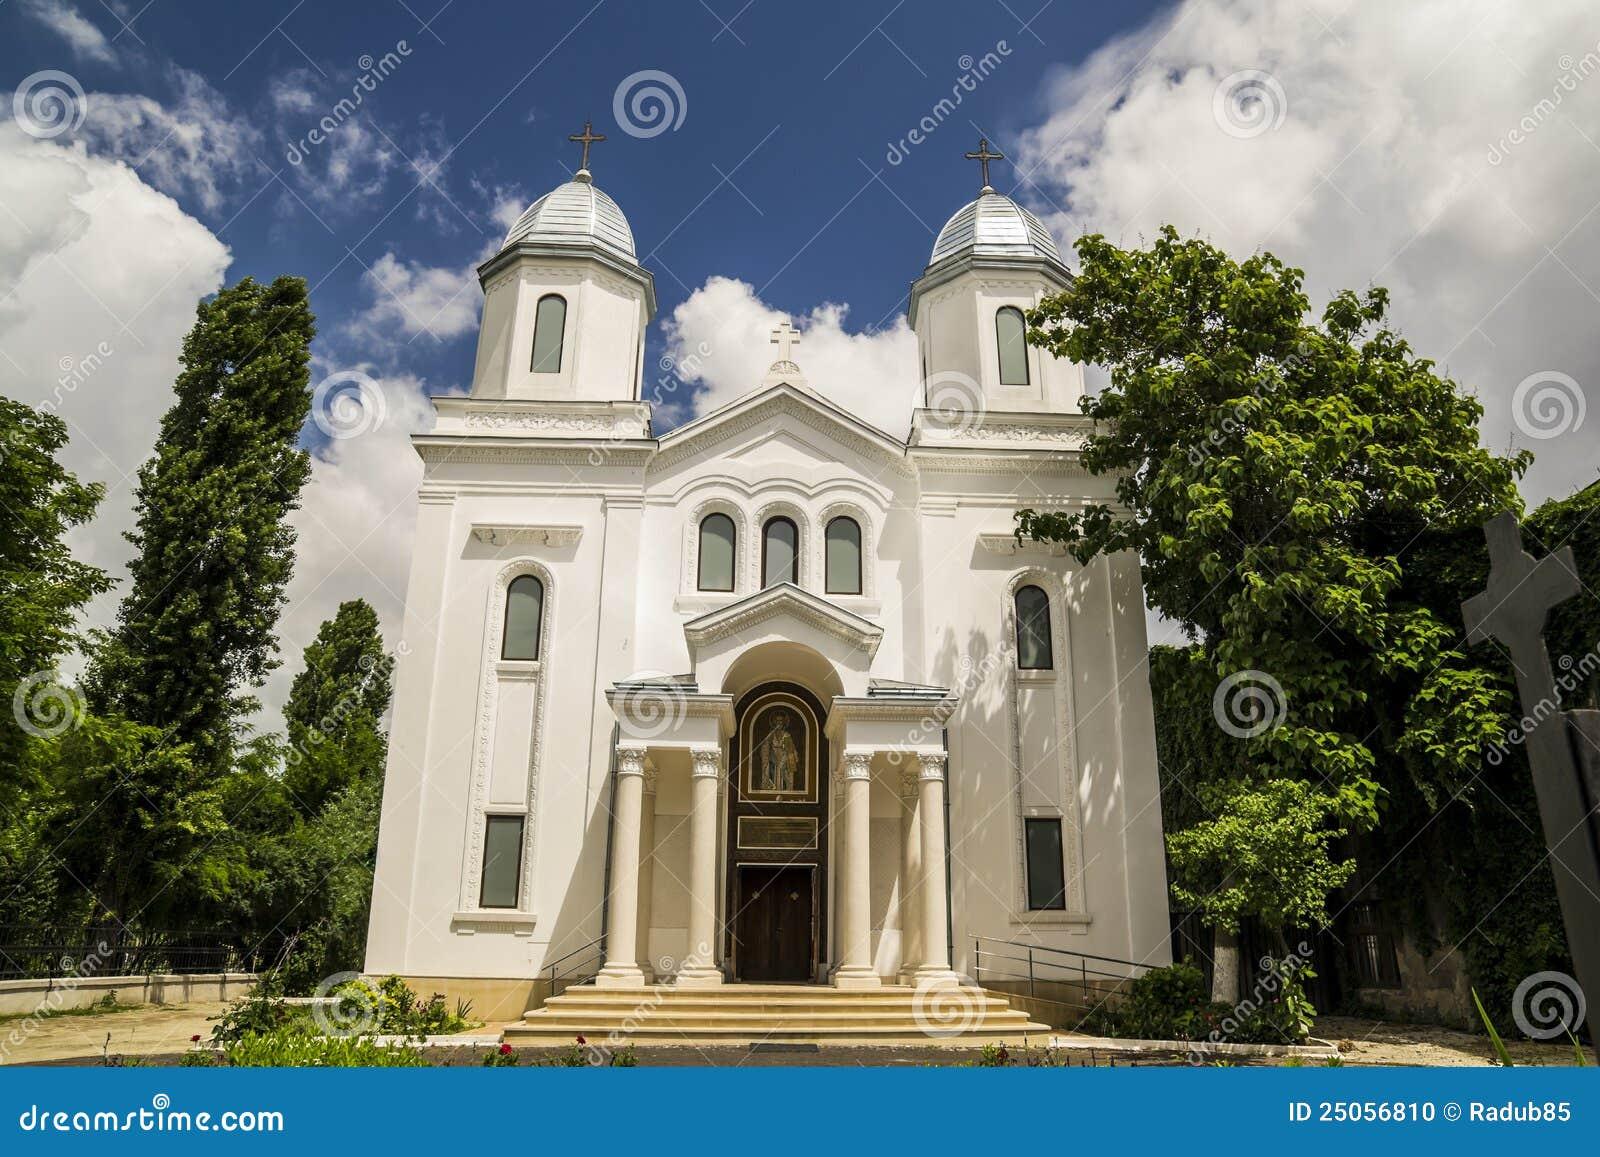 Πρόσοψη χριστιανικών εκκλησιών